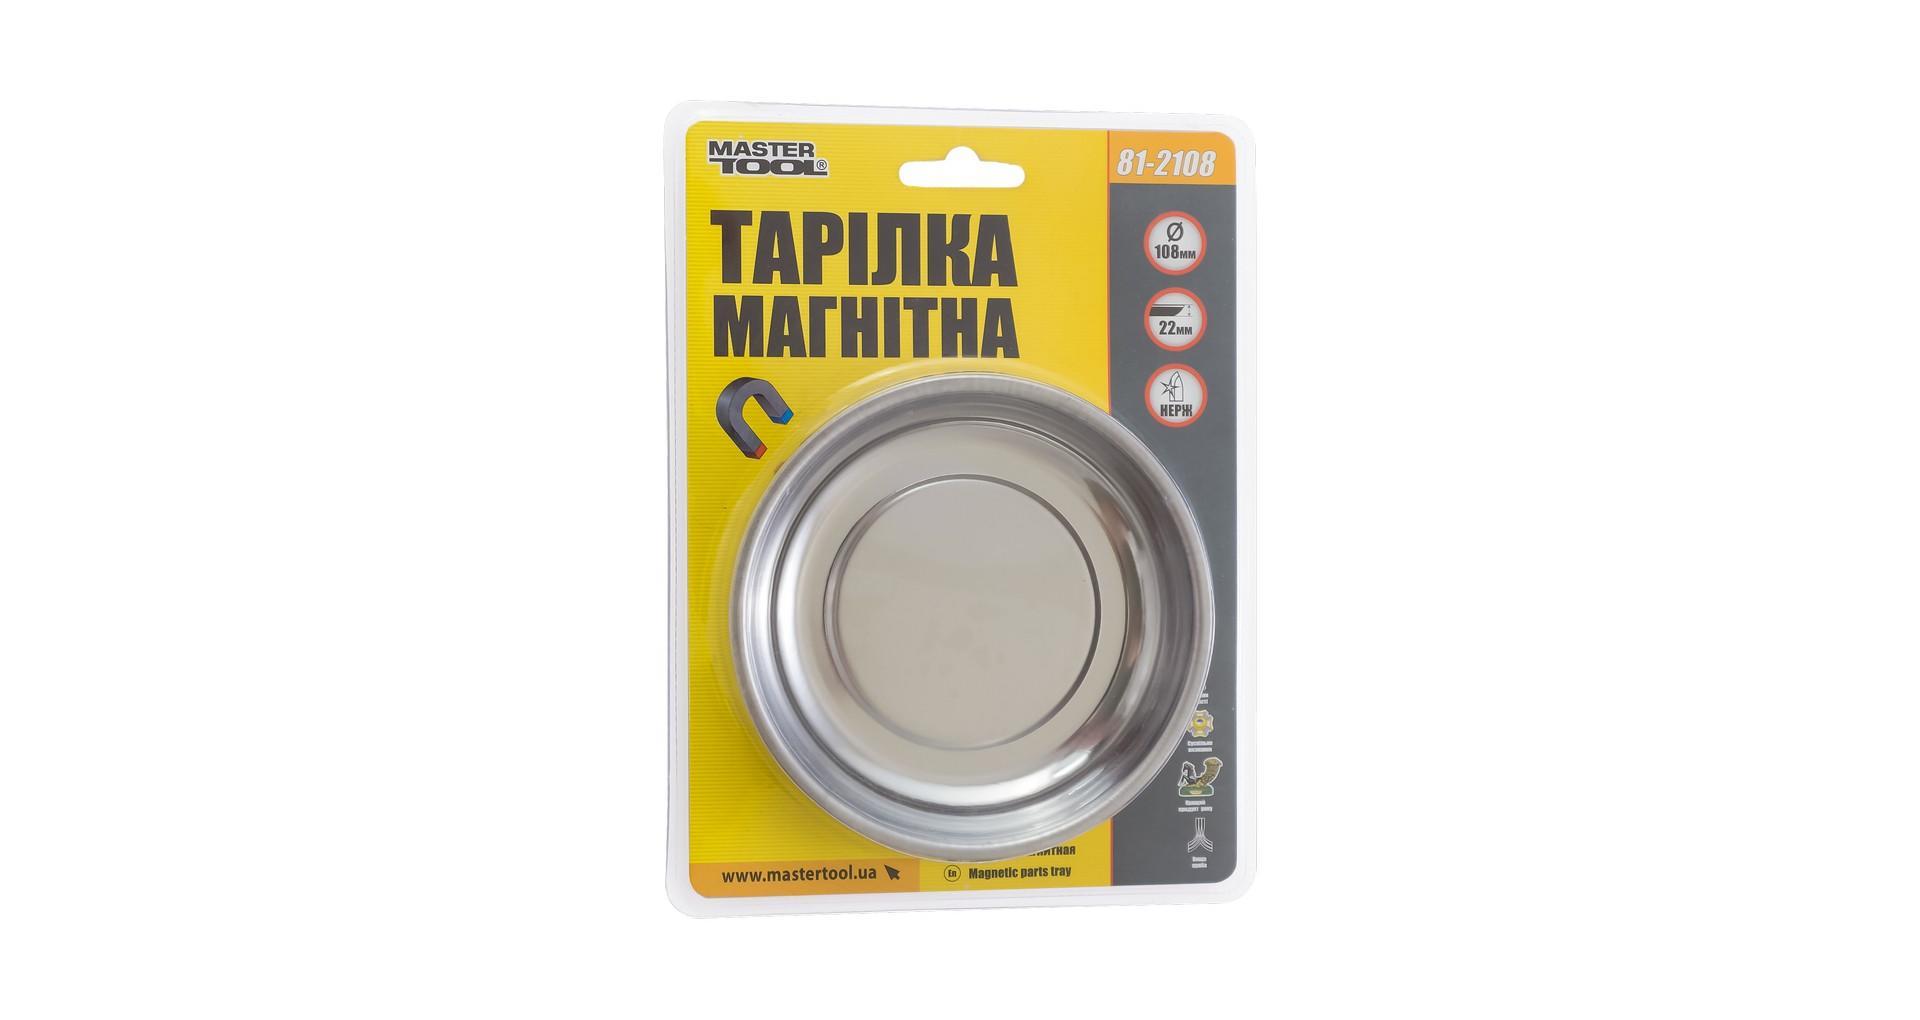 Тарелка магнитная Mastertool - 108 мм 4